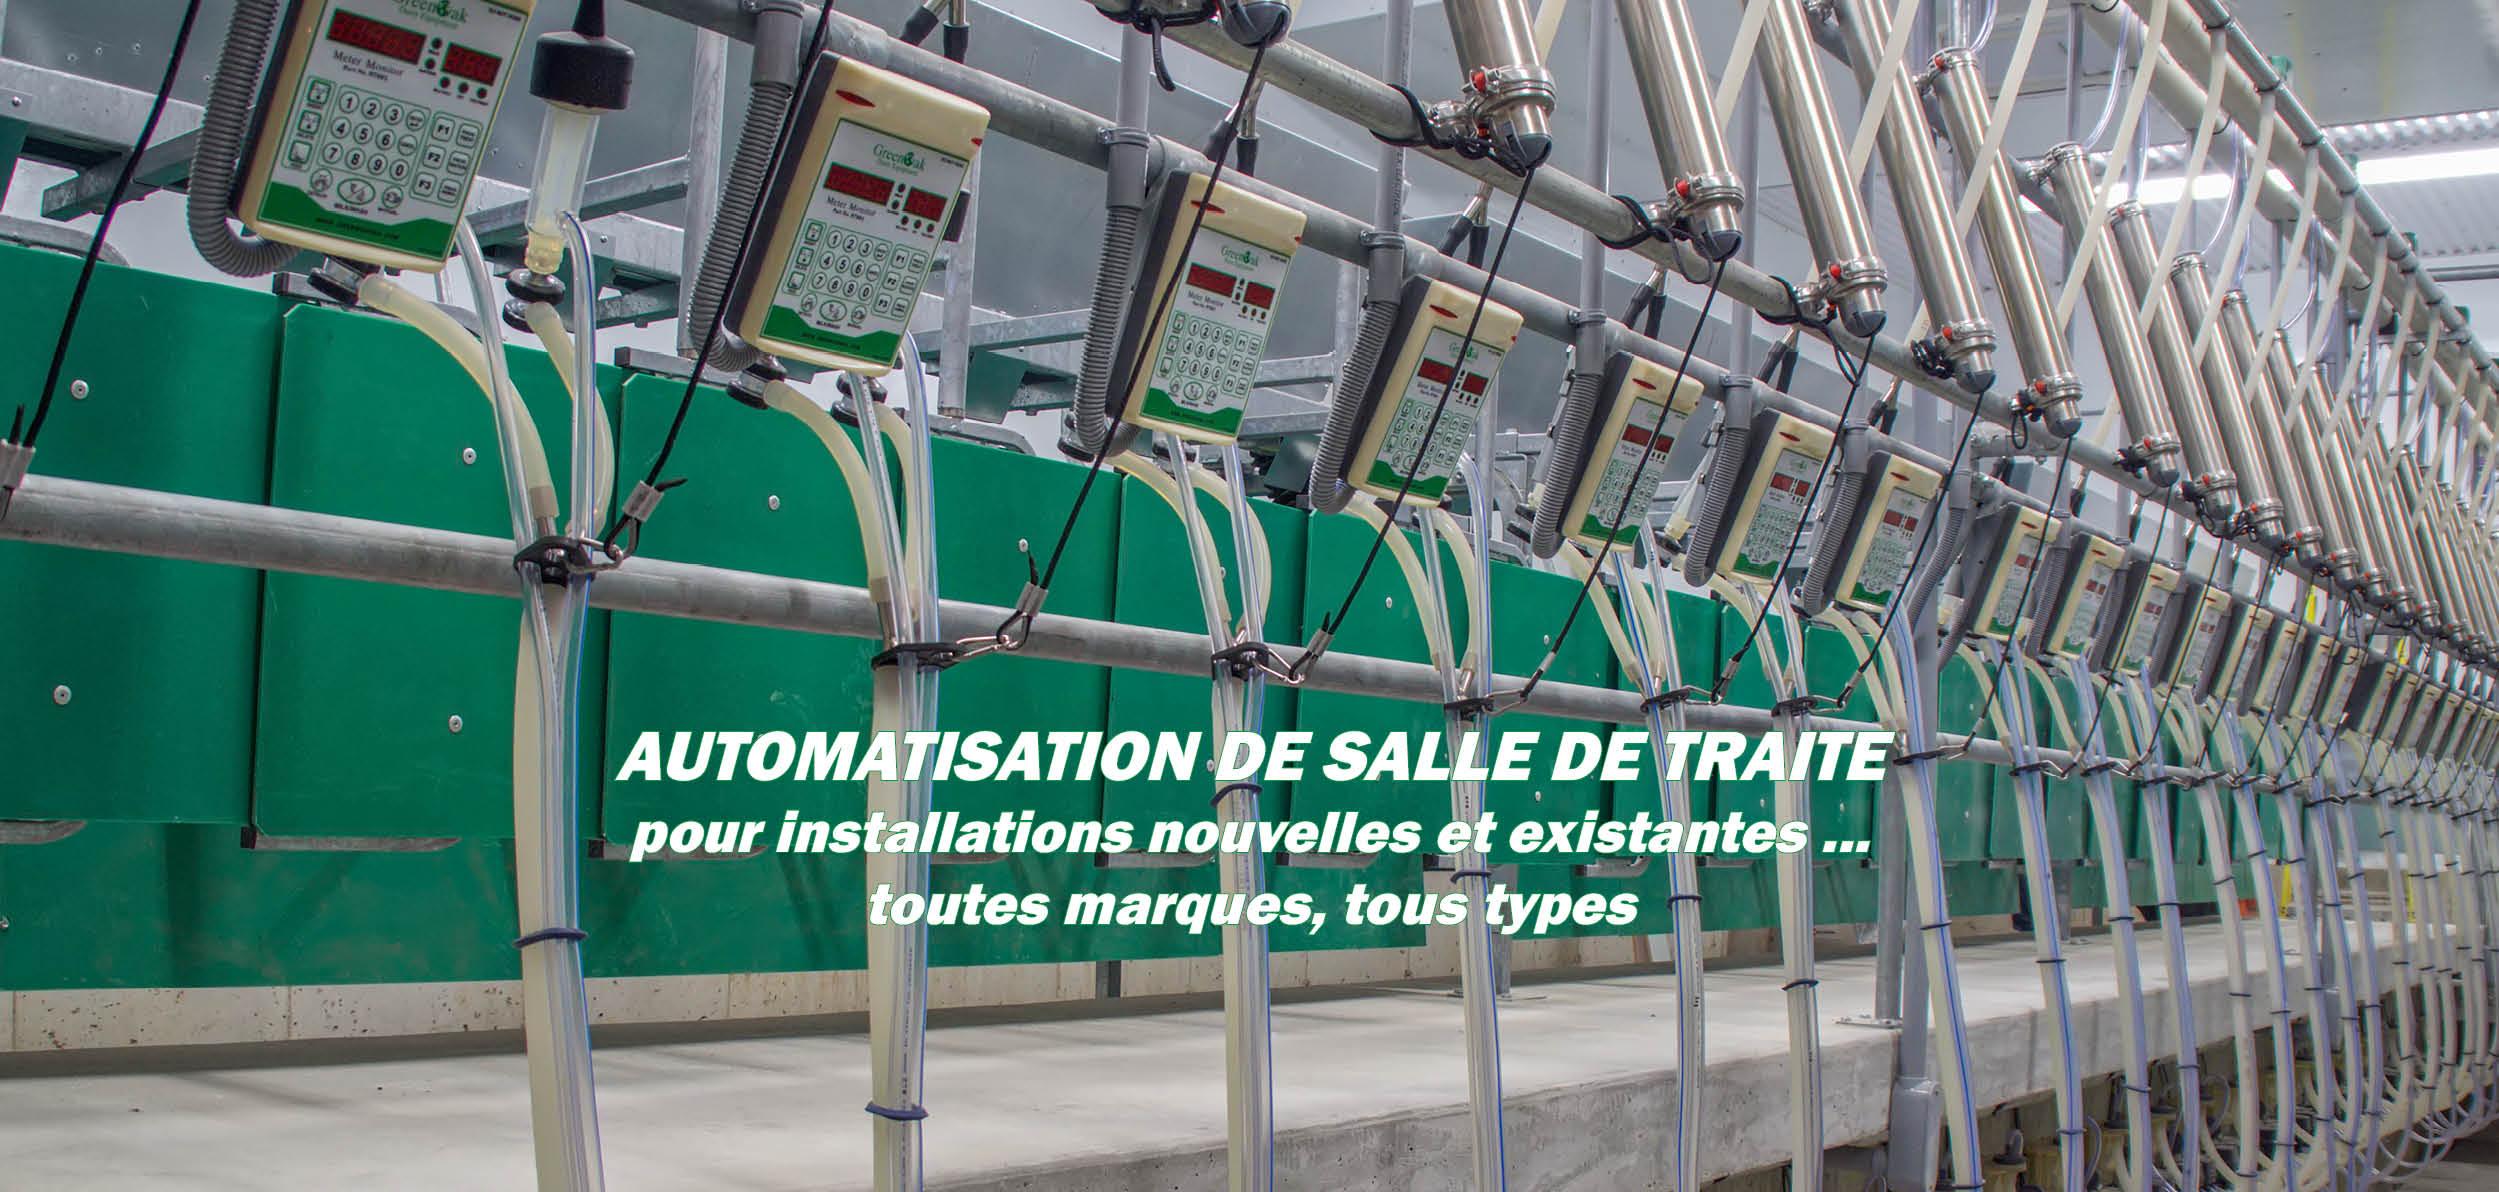 PARLOUR AUTOMATION FR.jpg